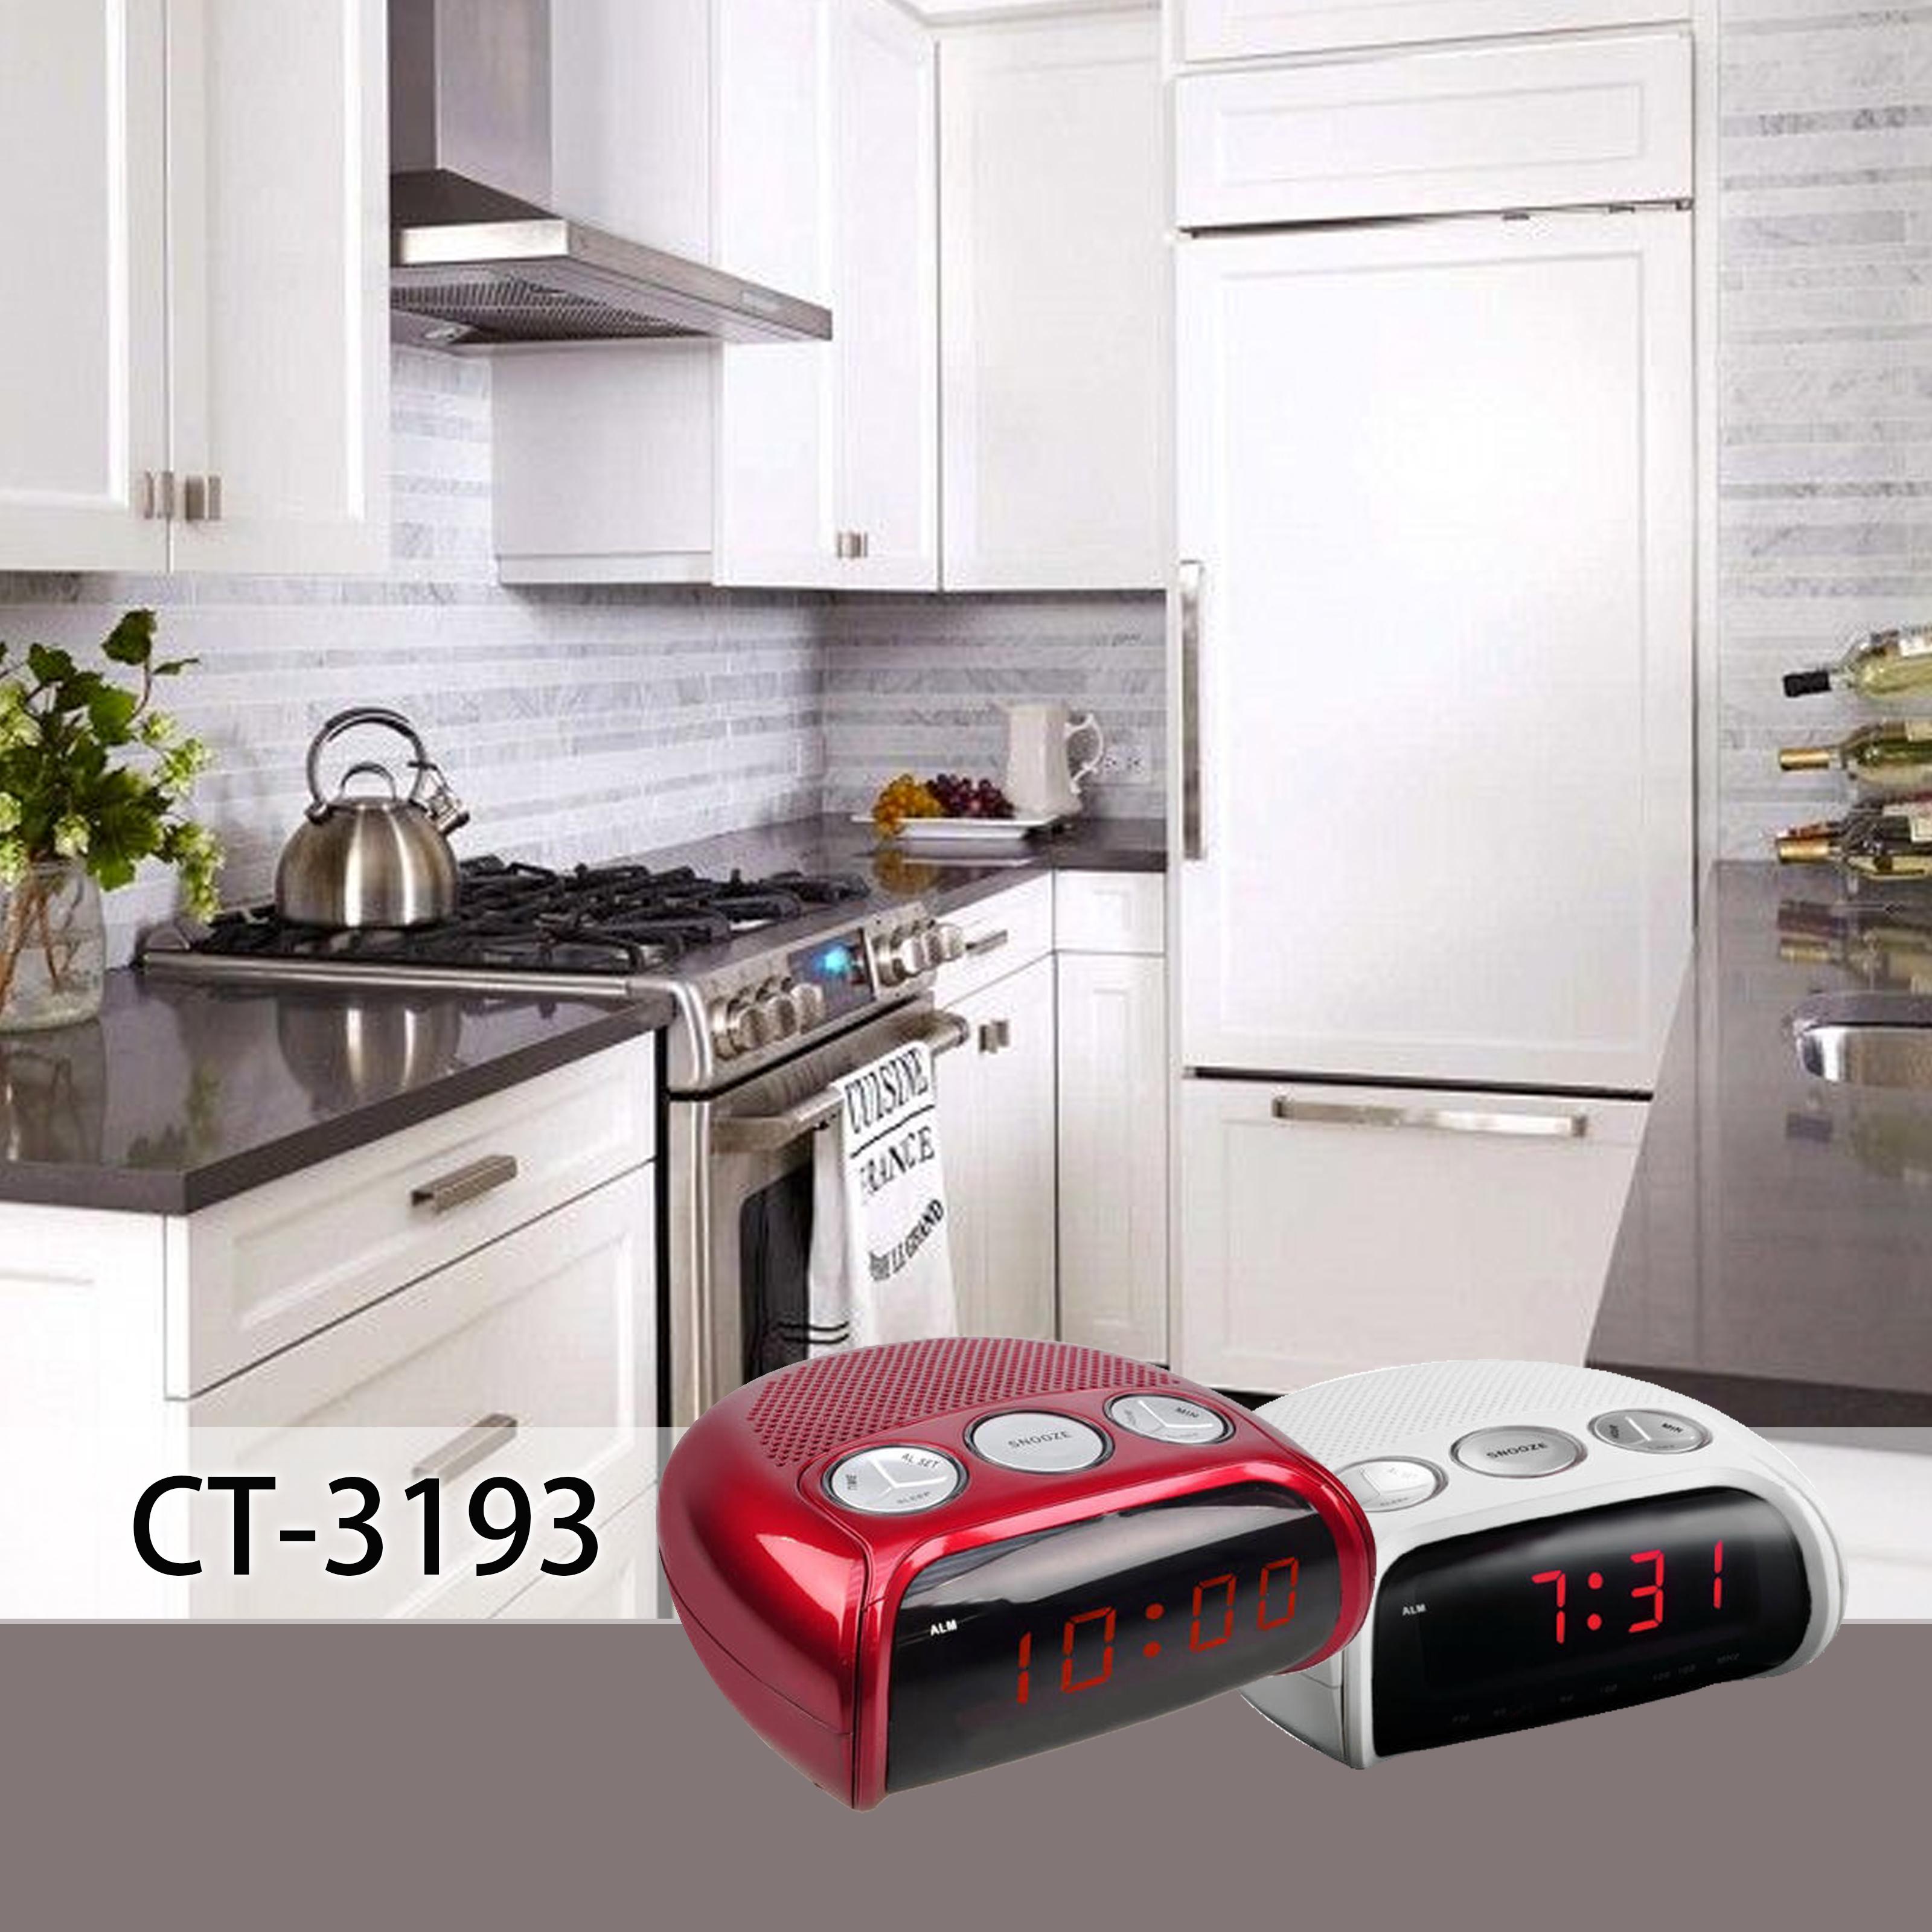 CT-3193 kitchen.jpg